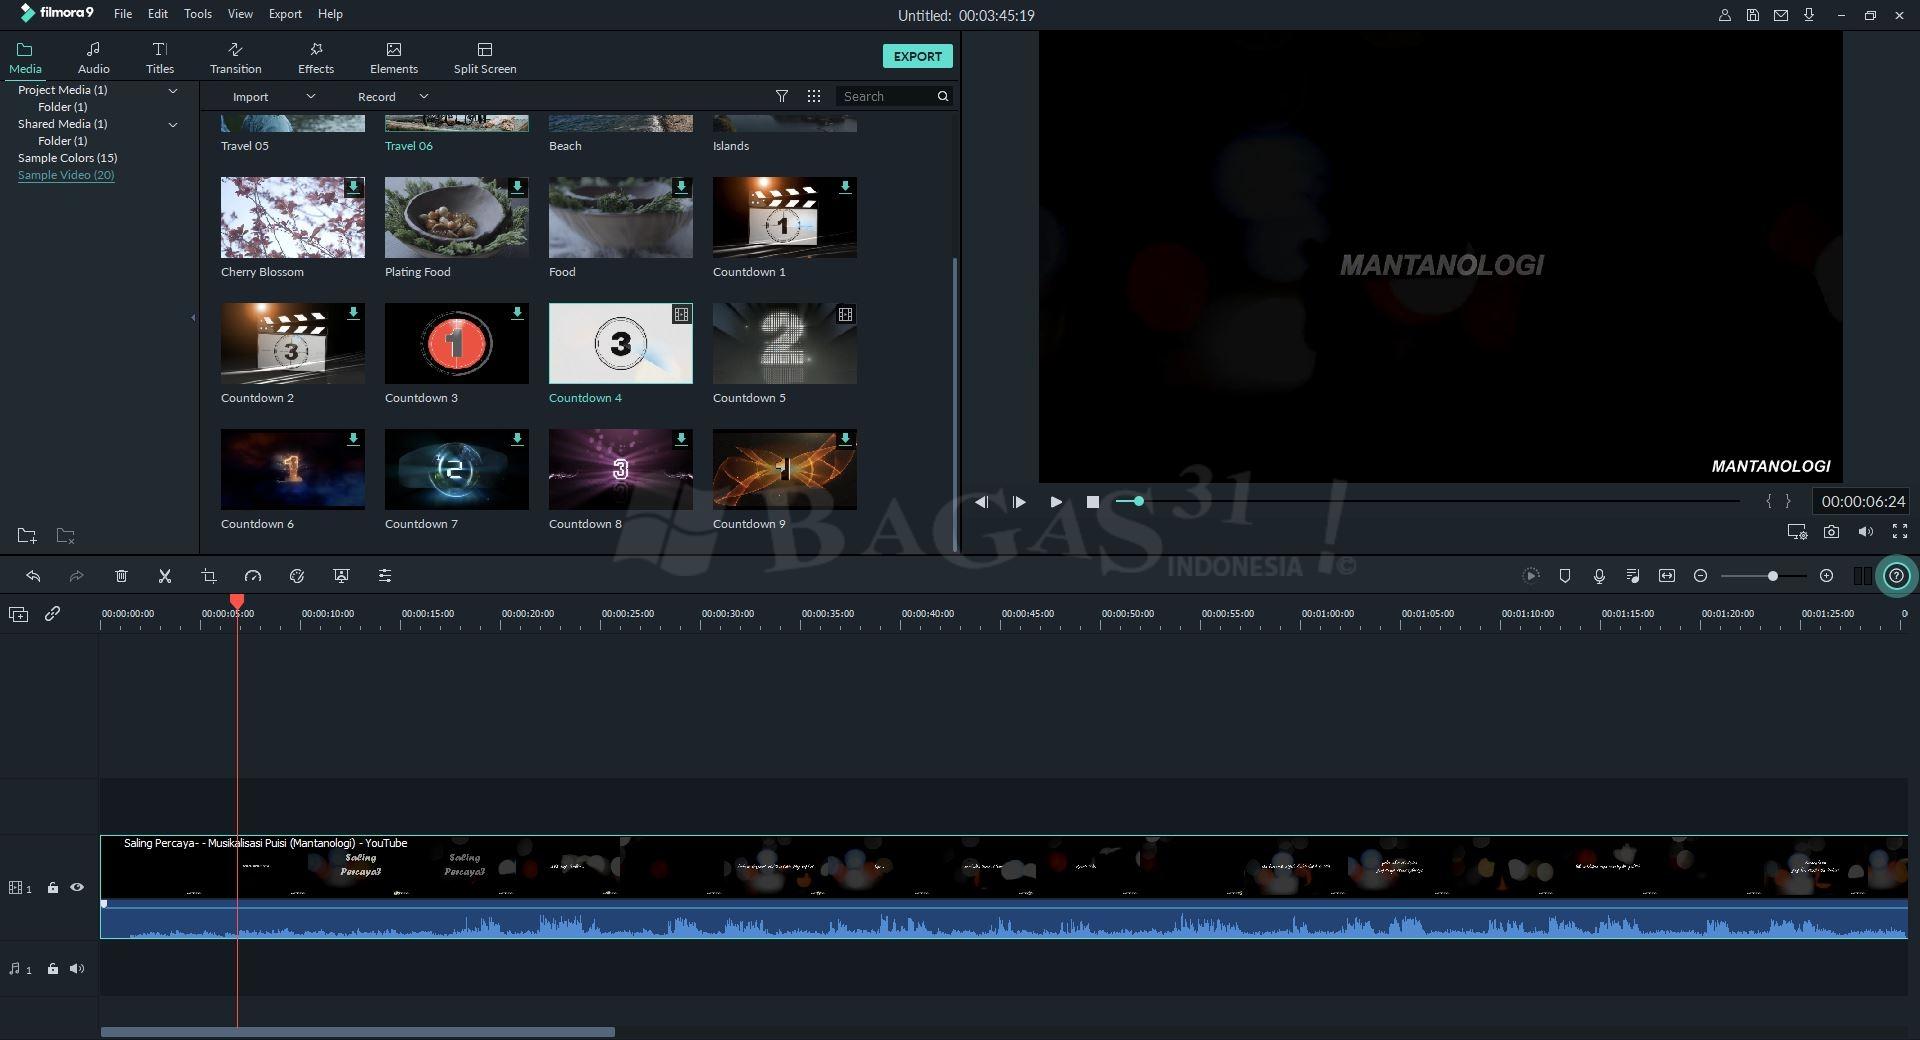 Wondershare Filmora 9.2.9.13 Full Version 3